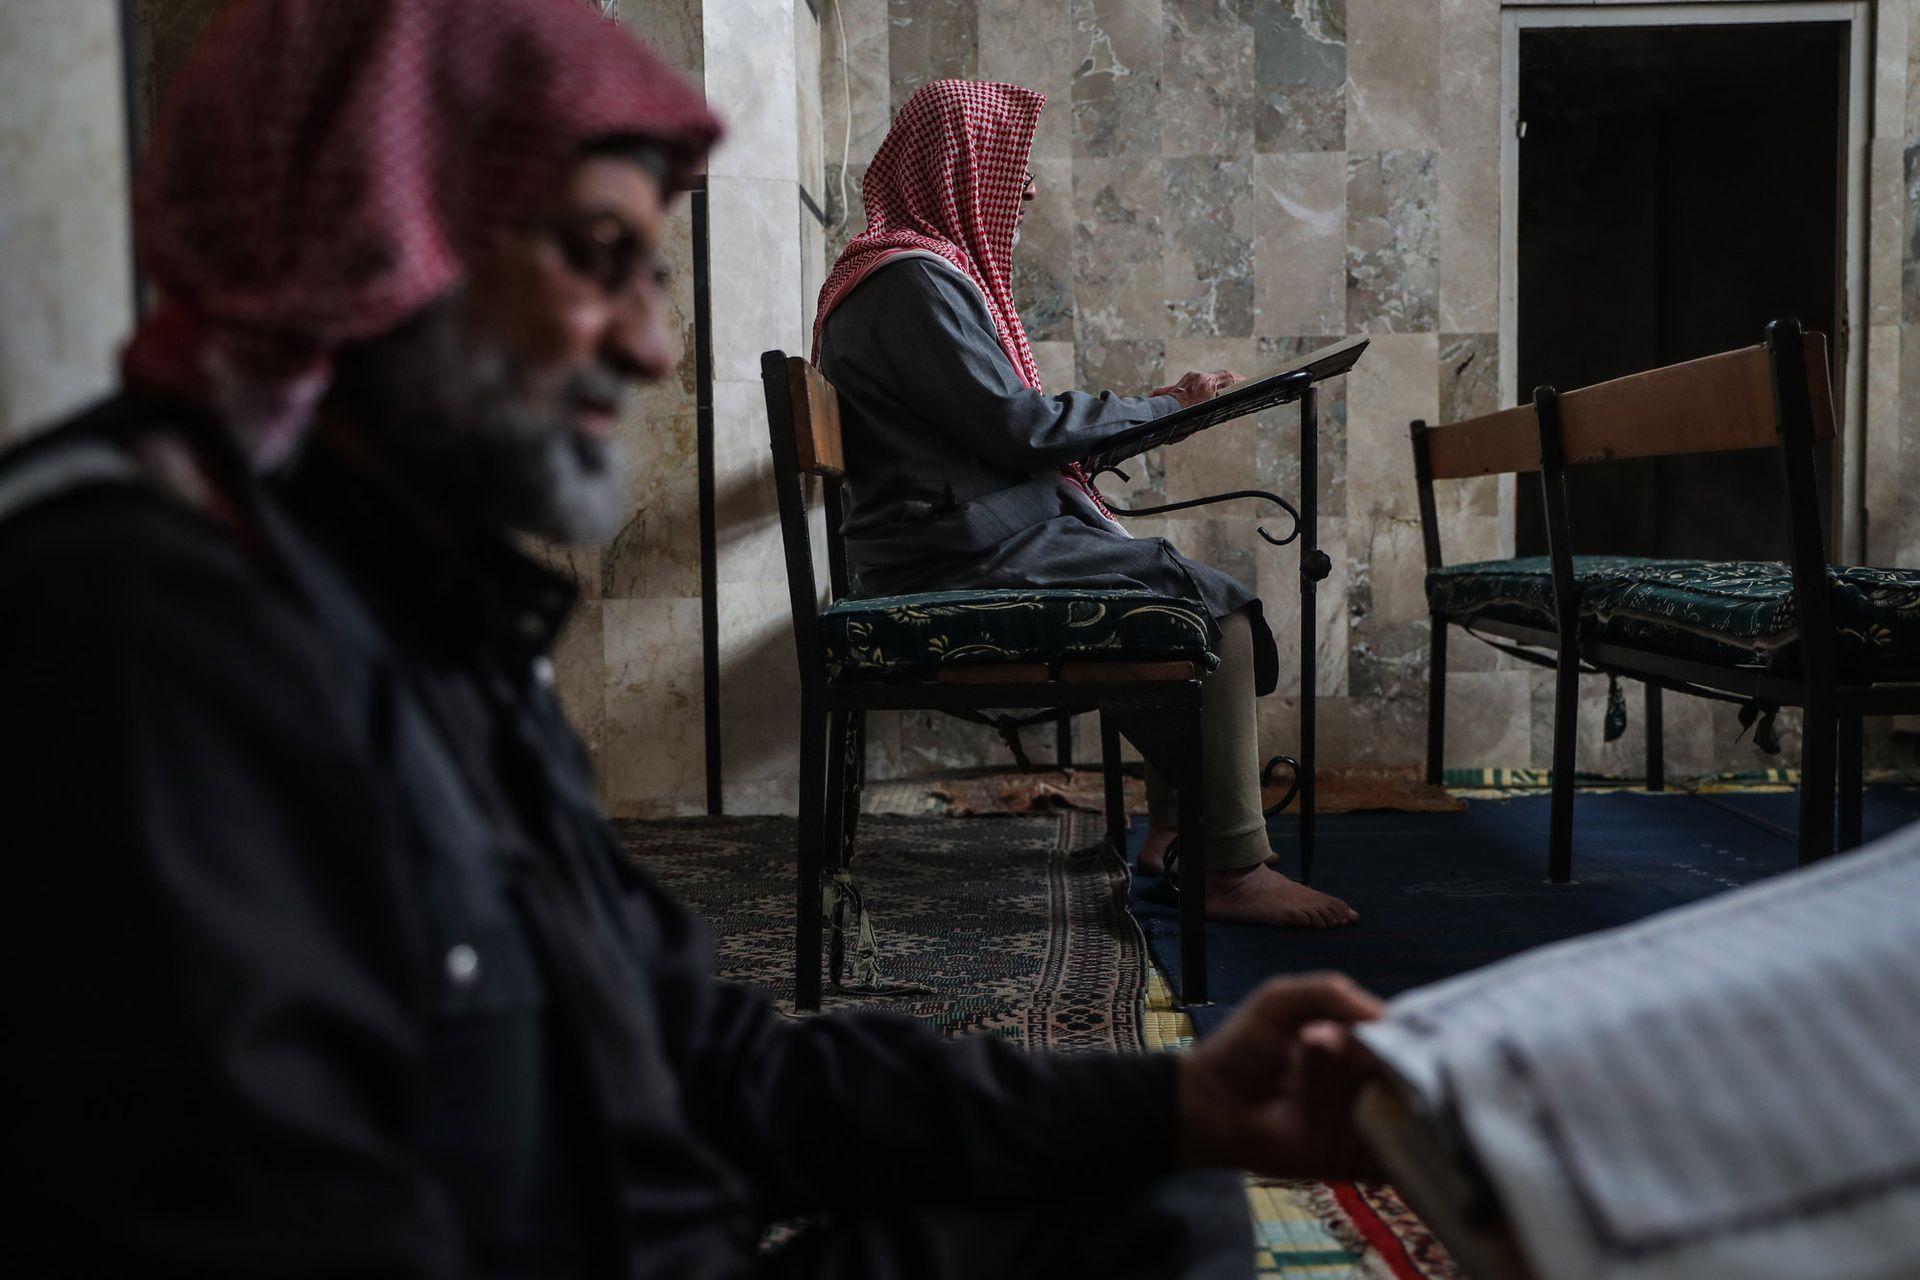 Hombres sirios leen el Corán en la mezquita de la ciudad de Maarrat Misrin